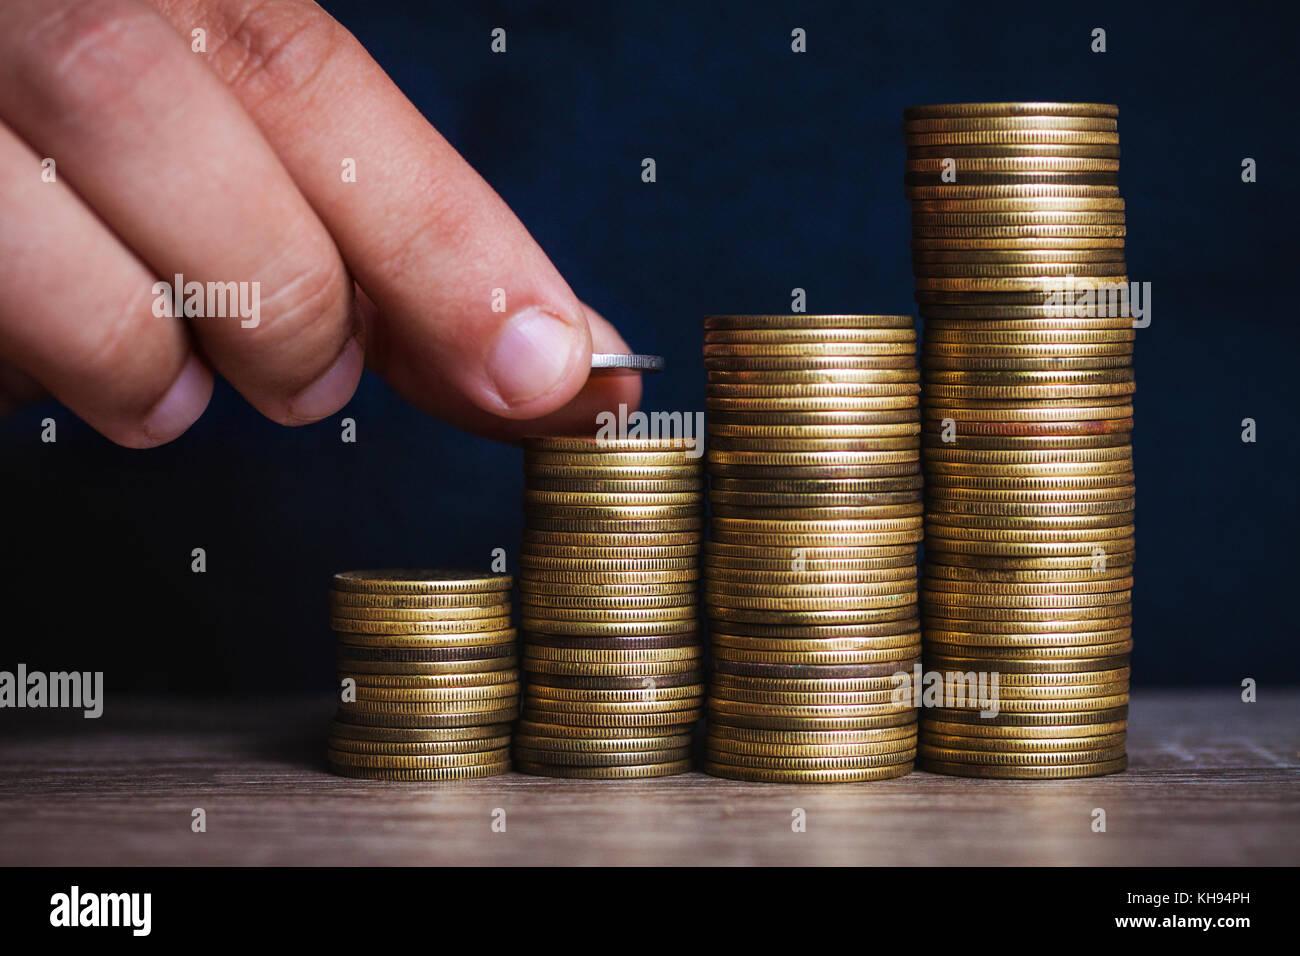 Die Hand des Menschen legen Geld Münzen Münzen zu stapeln. Geld, finanziellen, geschäftlichen Wachstum Stockbild